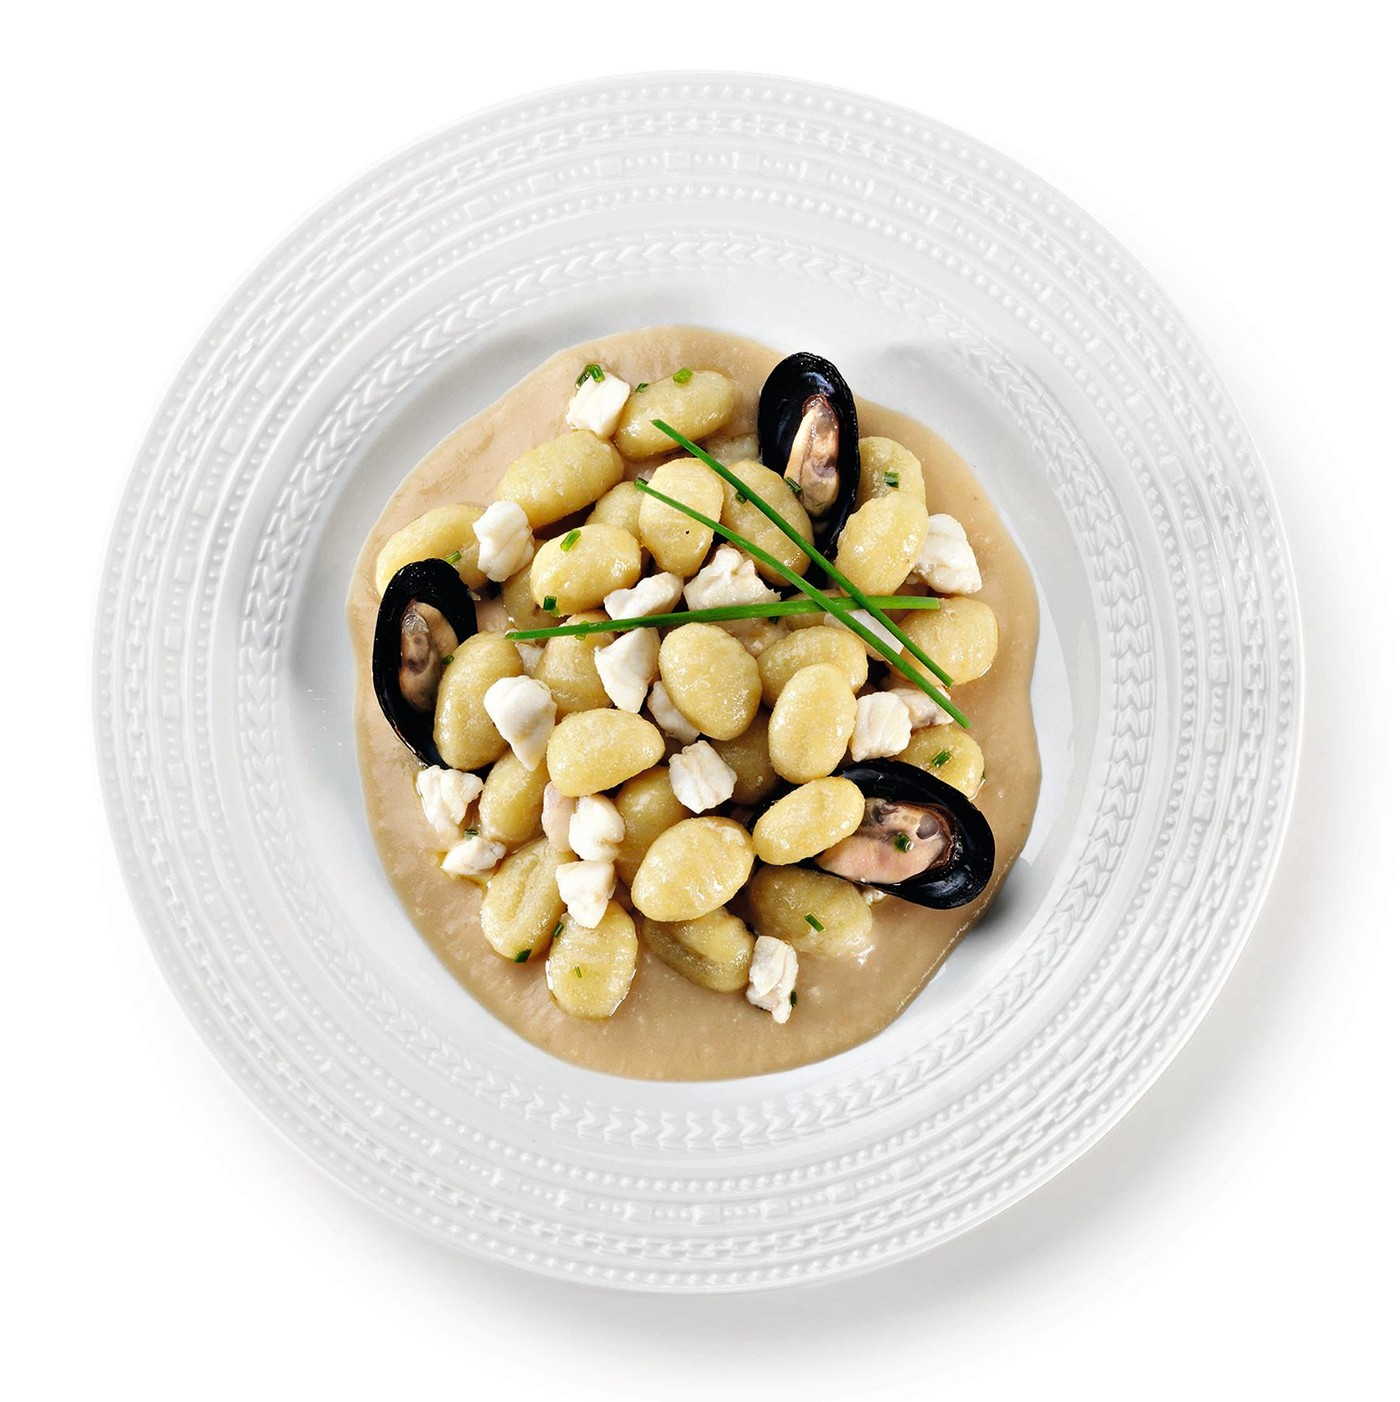 receta de Gnocchi de patata azzurra (70% patata)